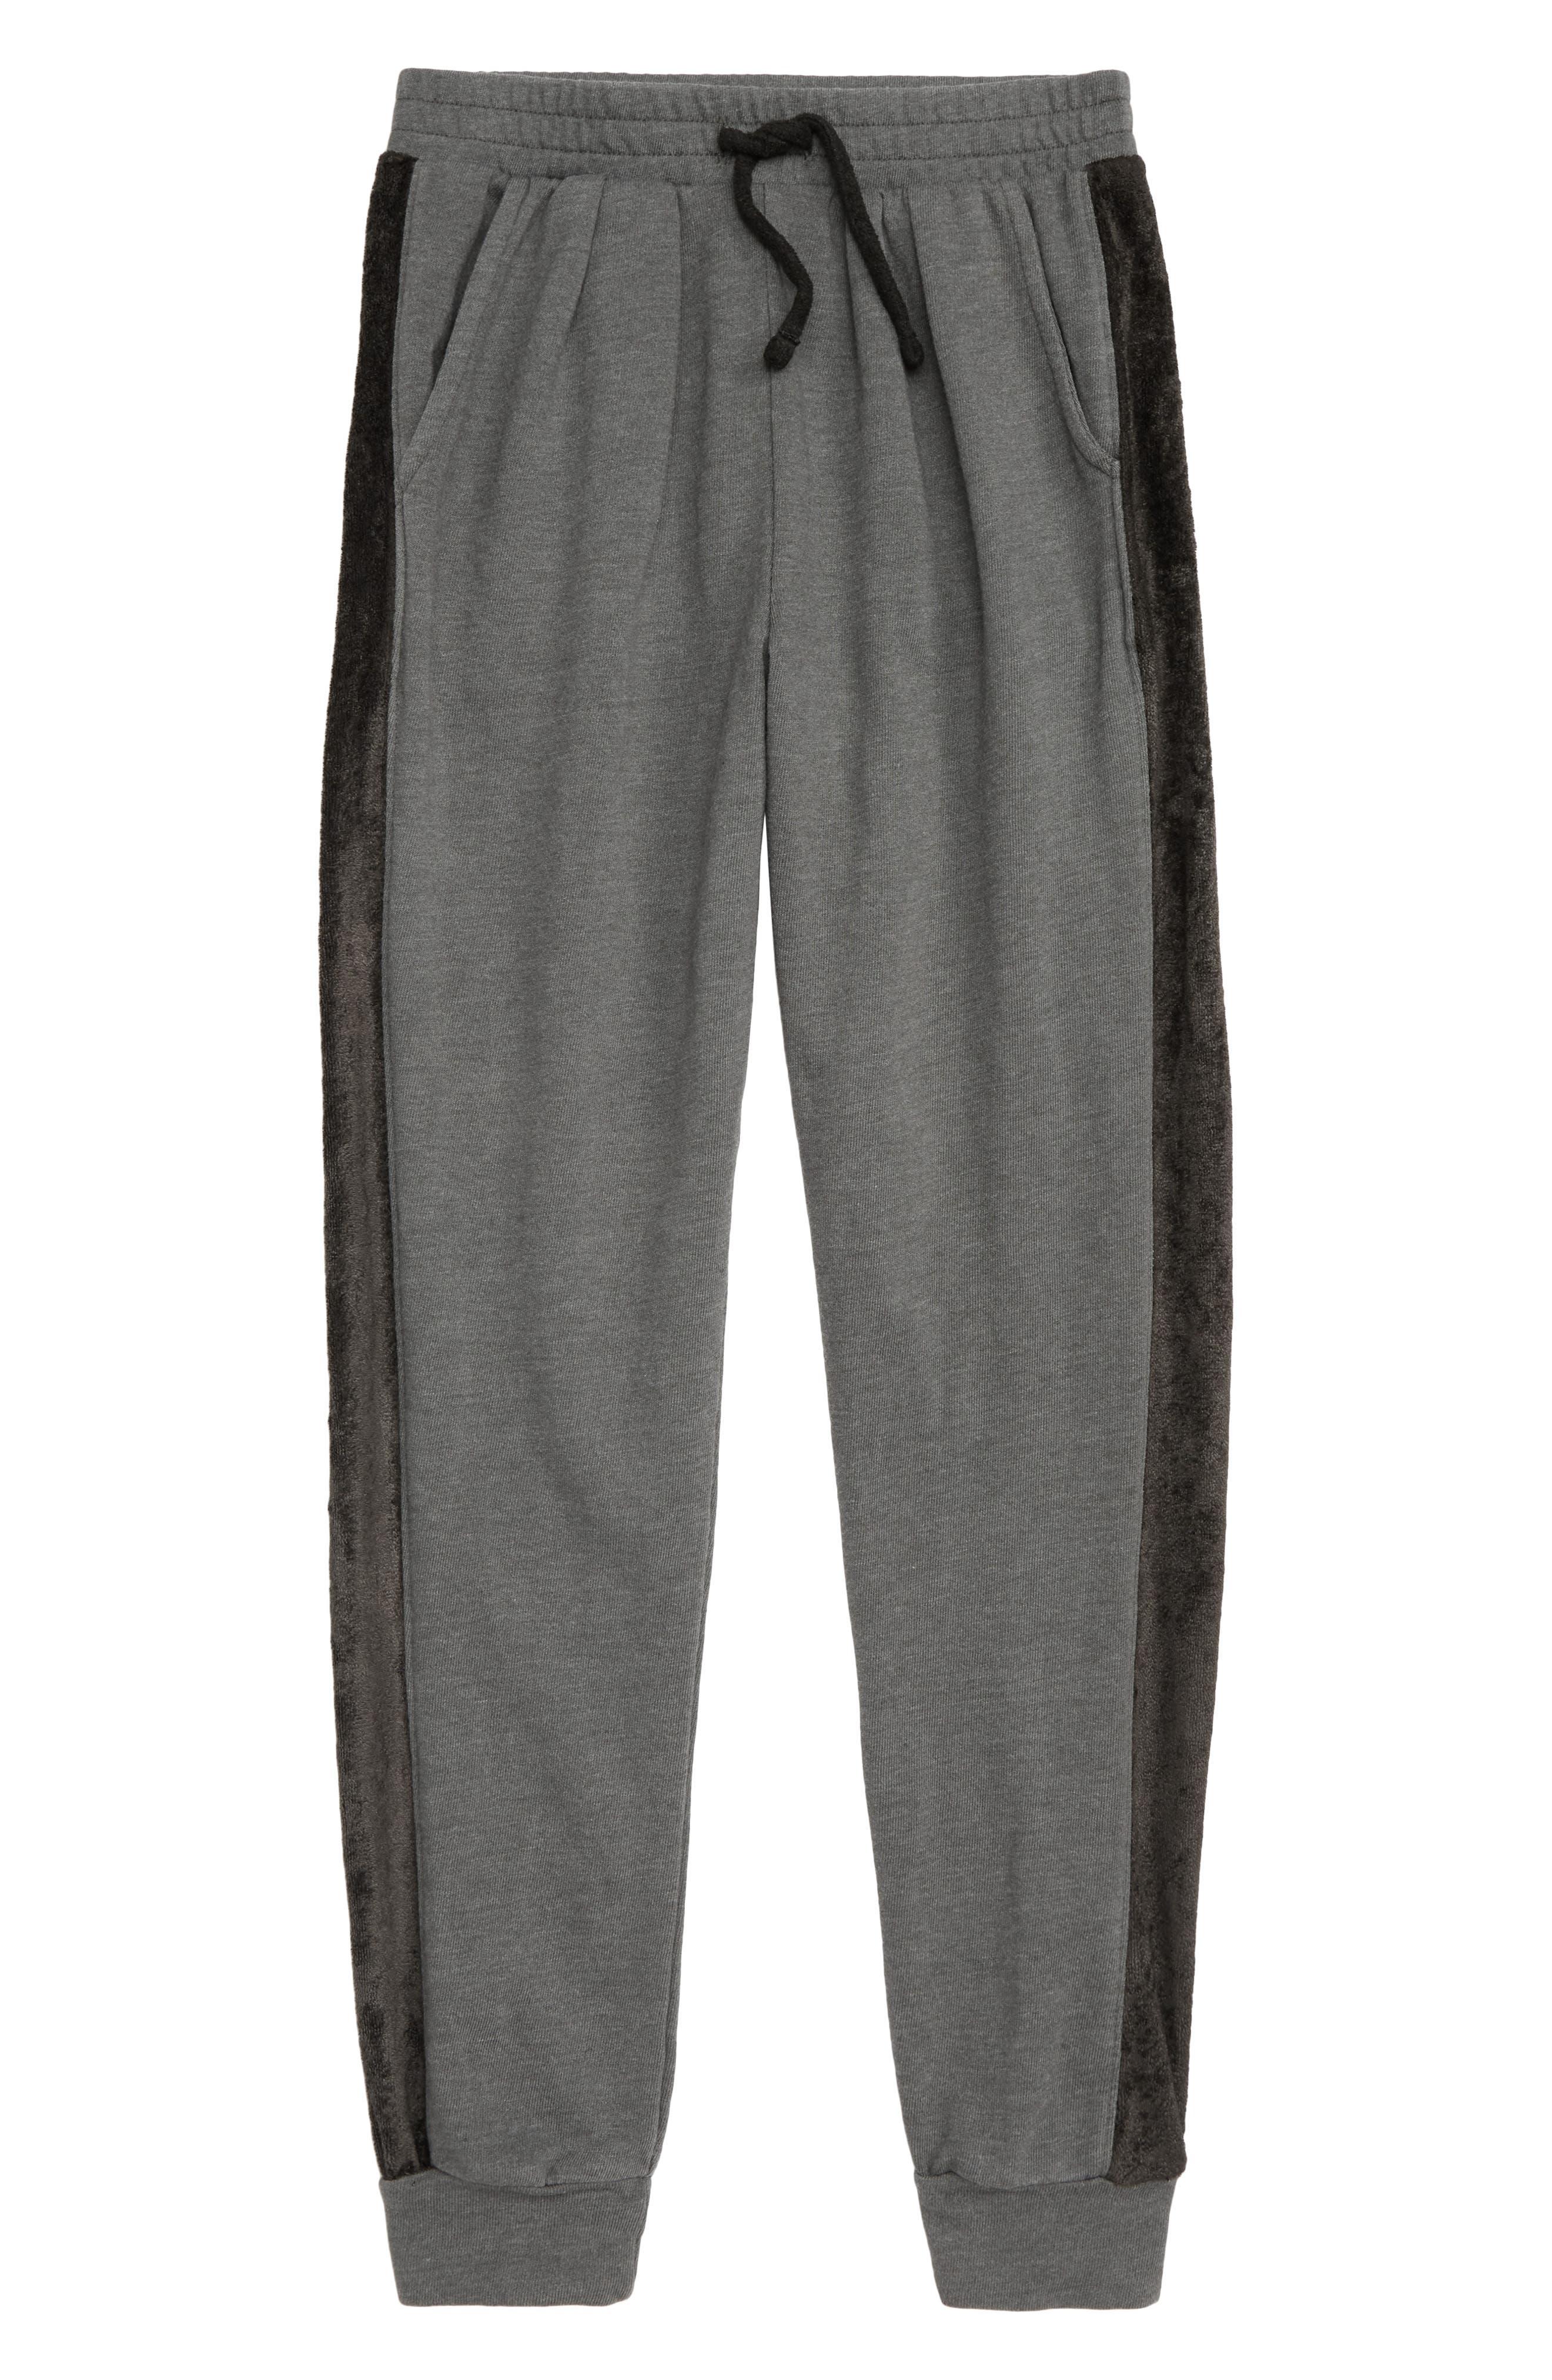 TREASURE & BOND, Velour Stripe Jogger Pants, Main thumbnail 1, color, 021